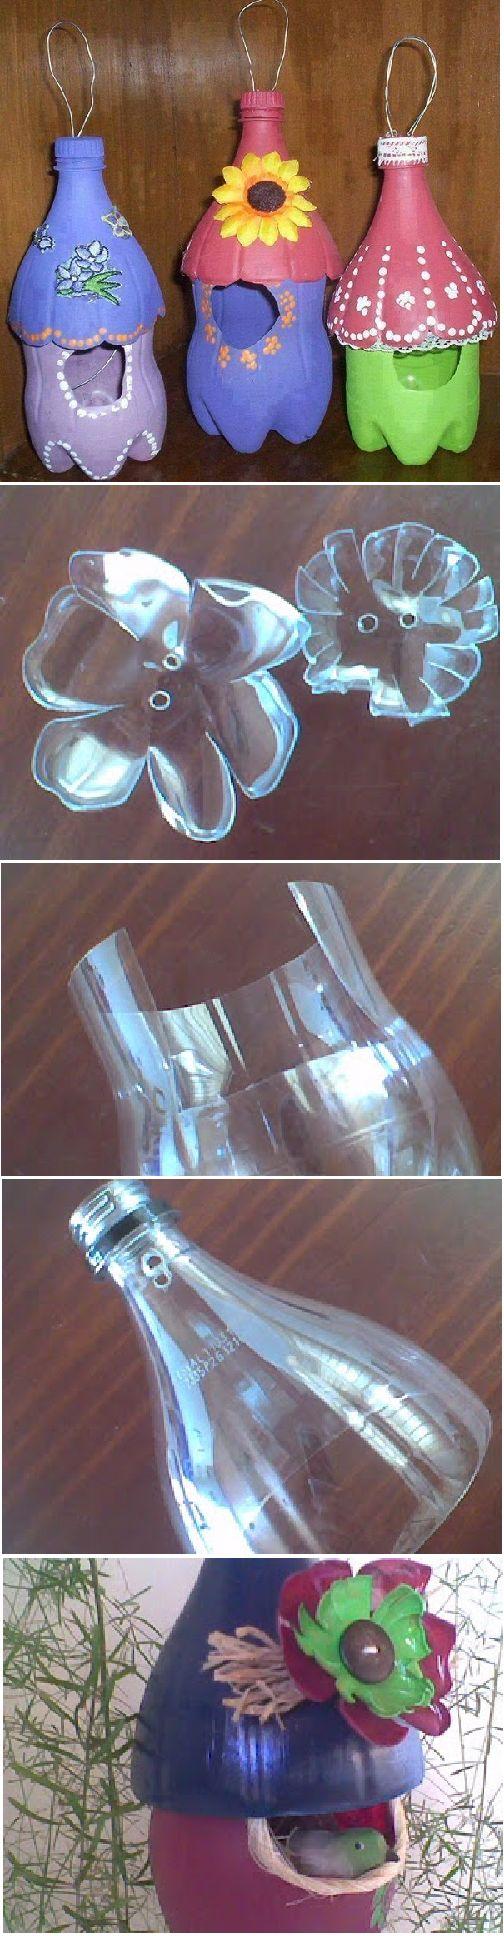 DIY Plastic Bottle Bird House: